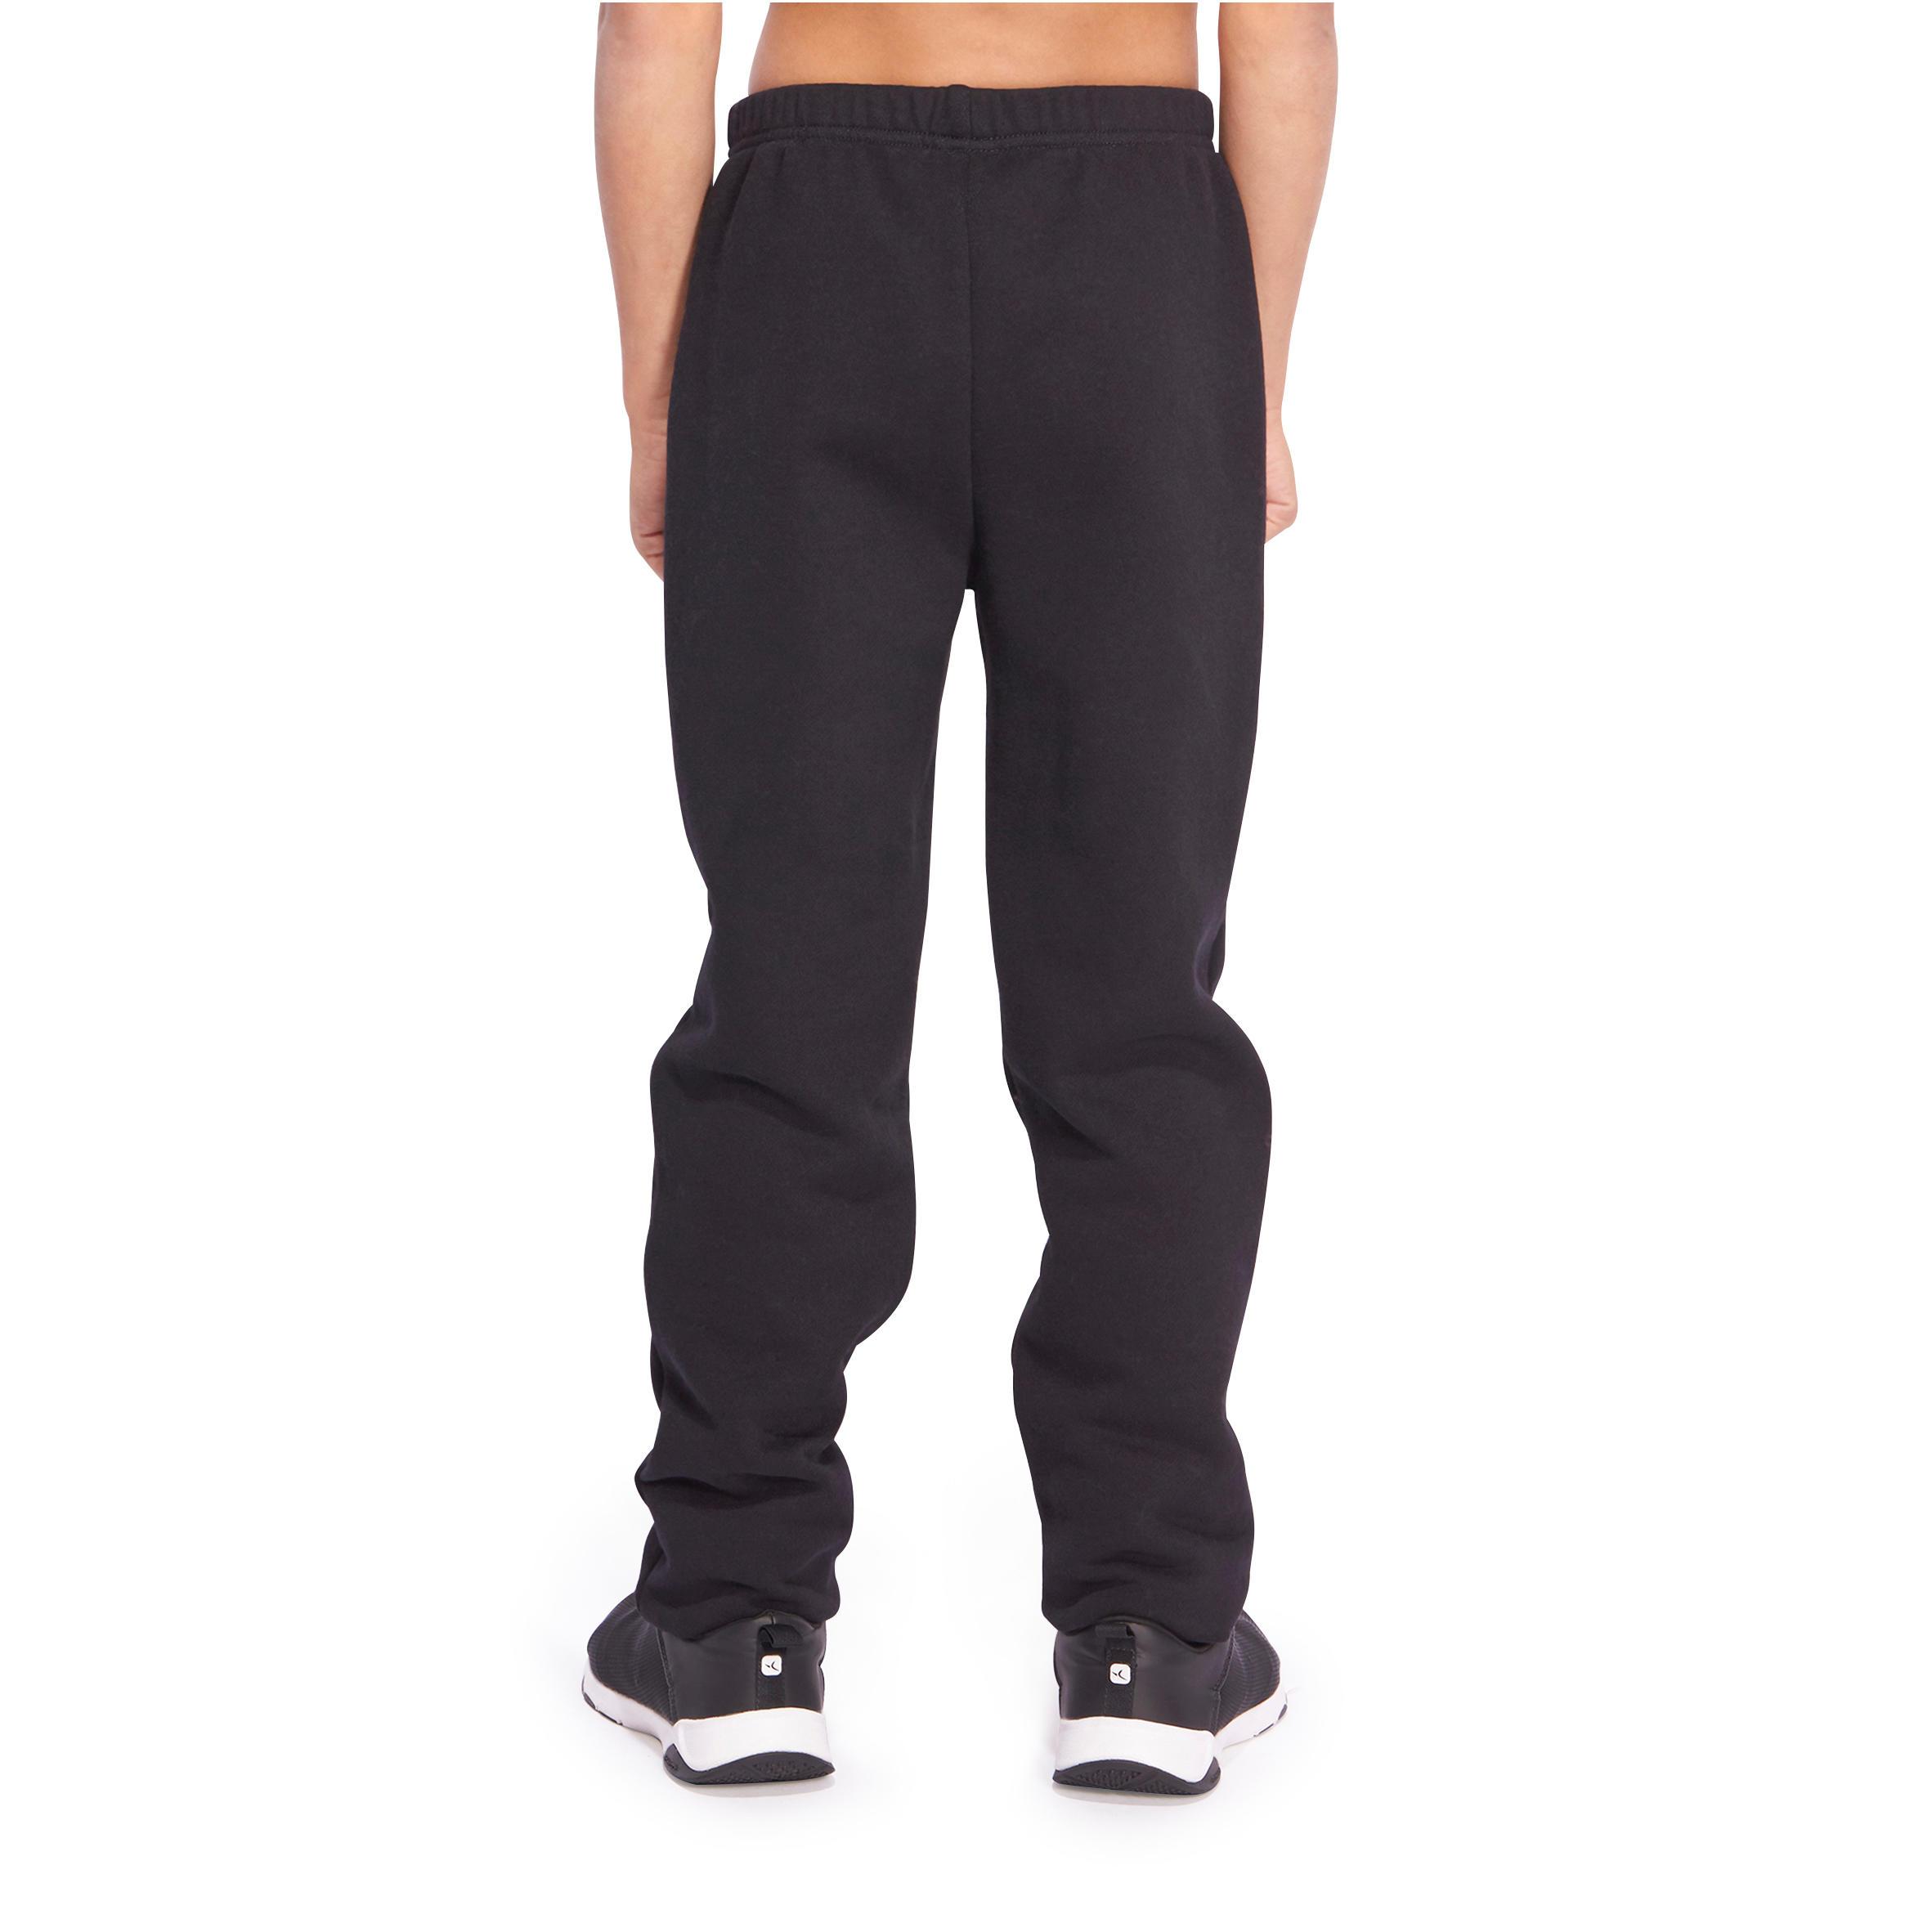 Warm'y Boys' Warm Regular-Fit Gym Bottoms - Black